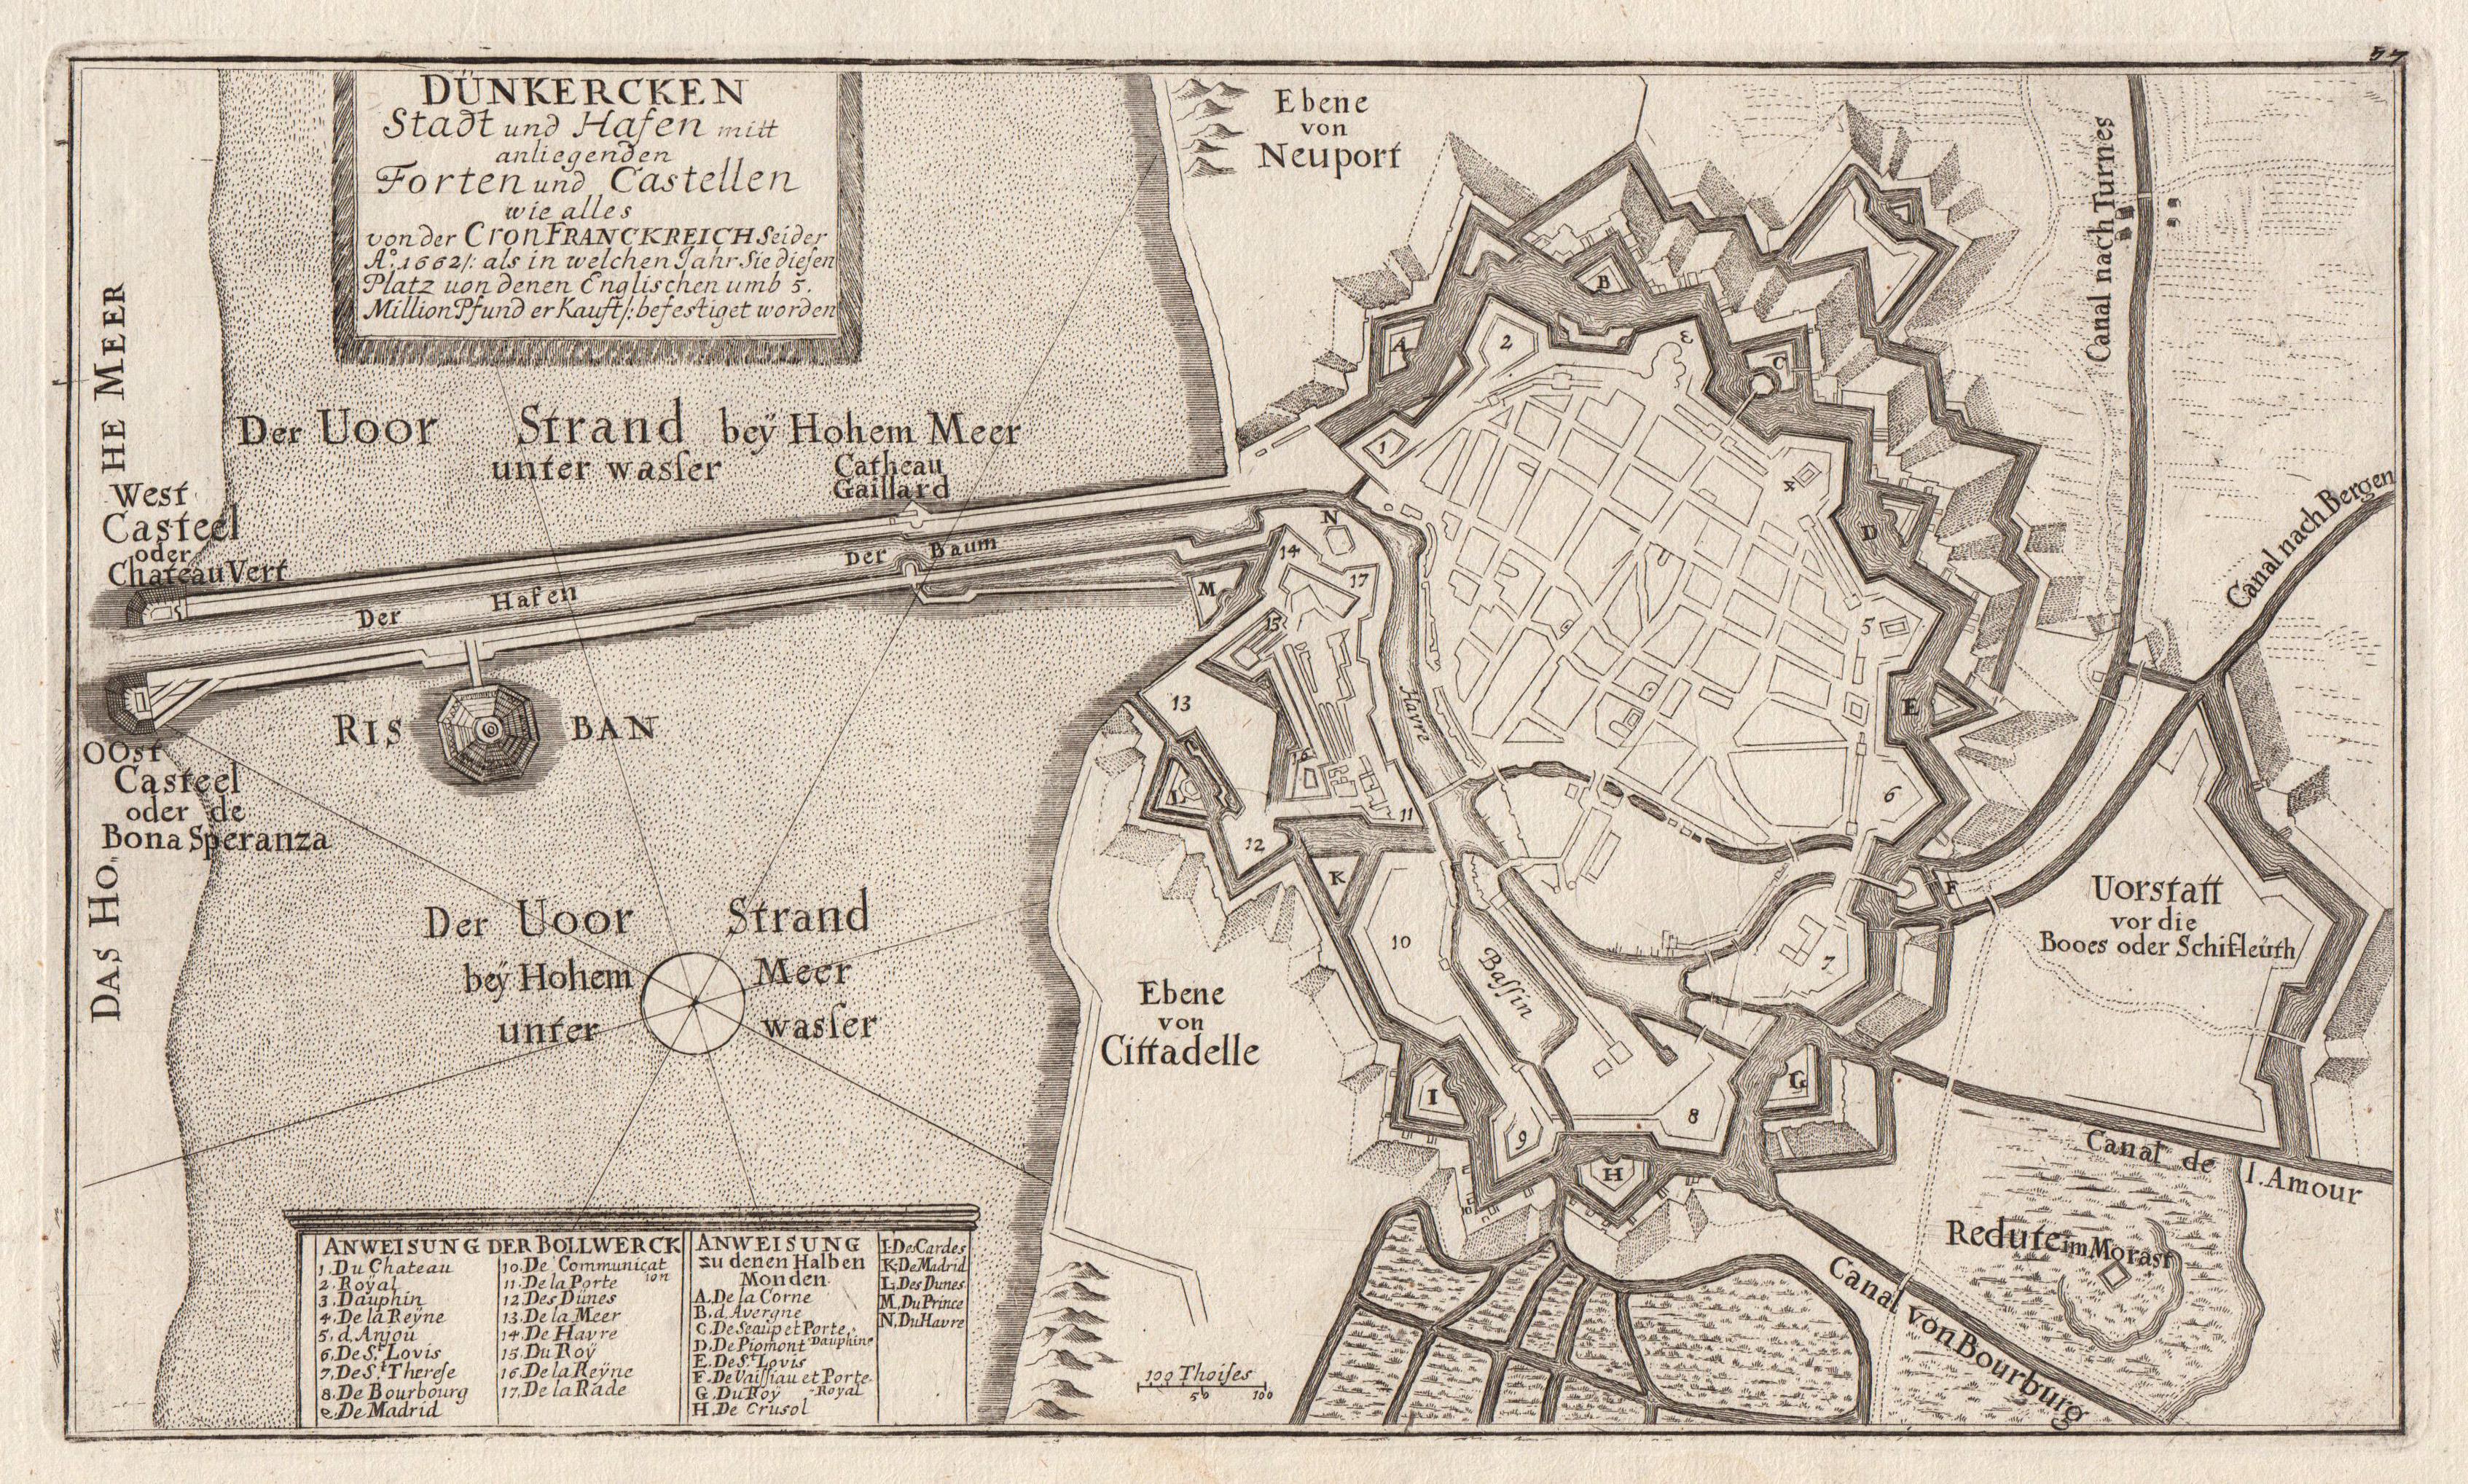 """Befestigungsgrundriß, """"Dünkirchen. Stadt und Hafen mitt anliegenden: Dünkirchen:"""